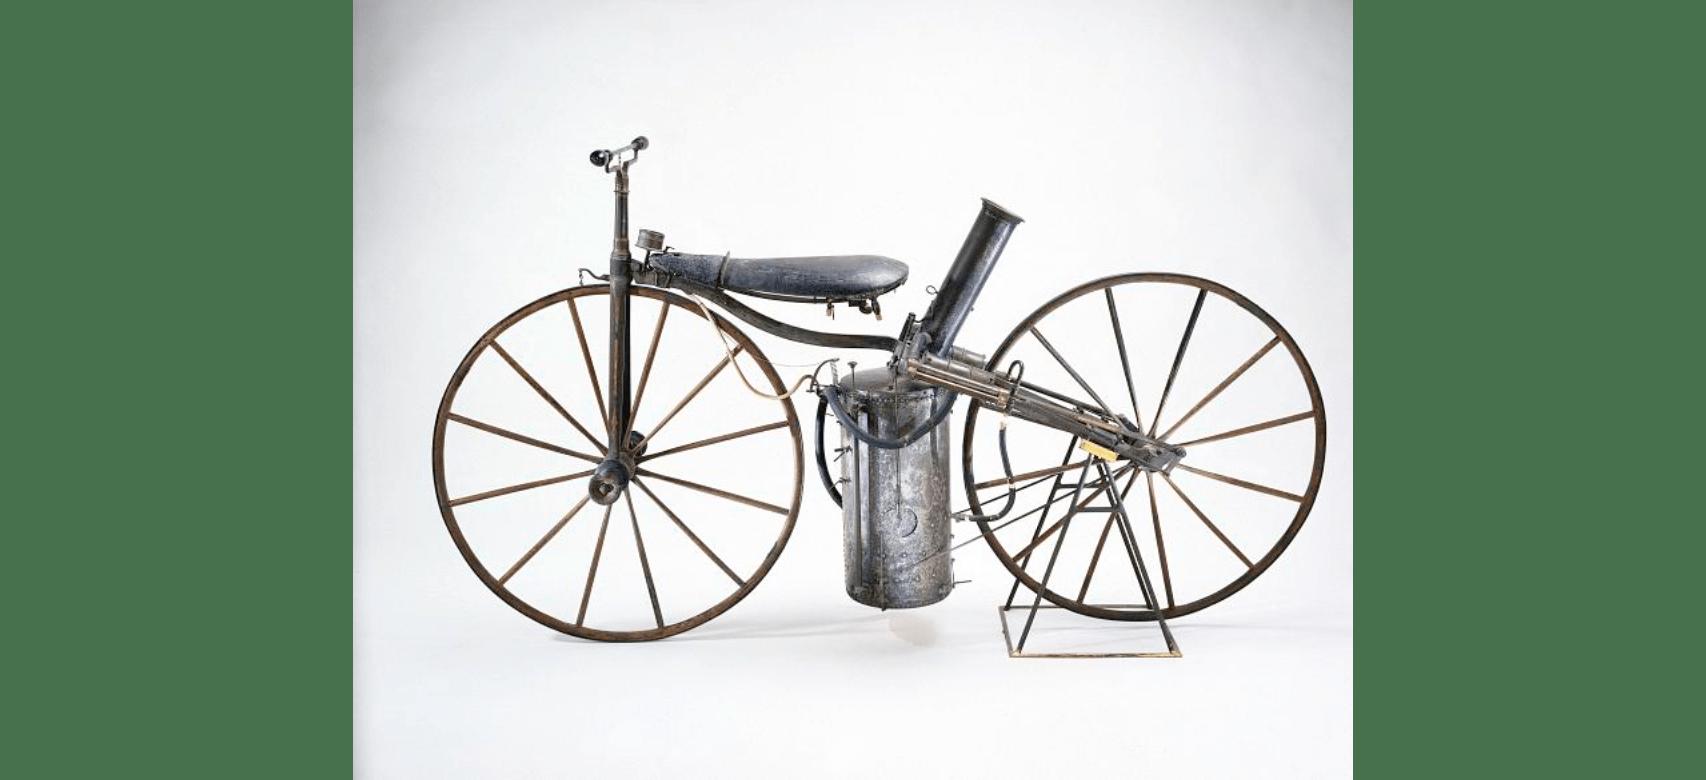 η πρώτη μοτοσυκλέτα με ατμομηχανή